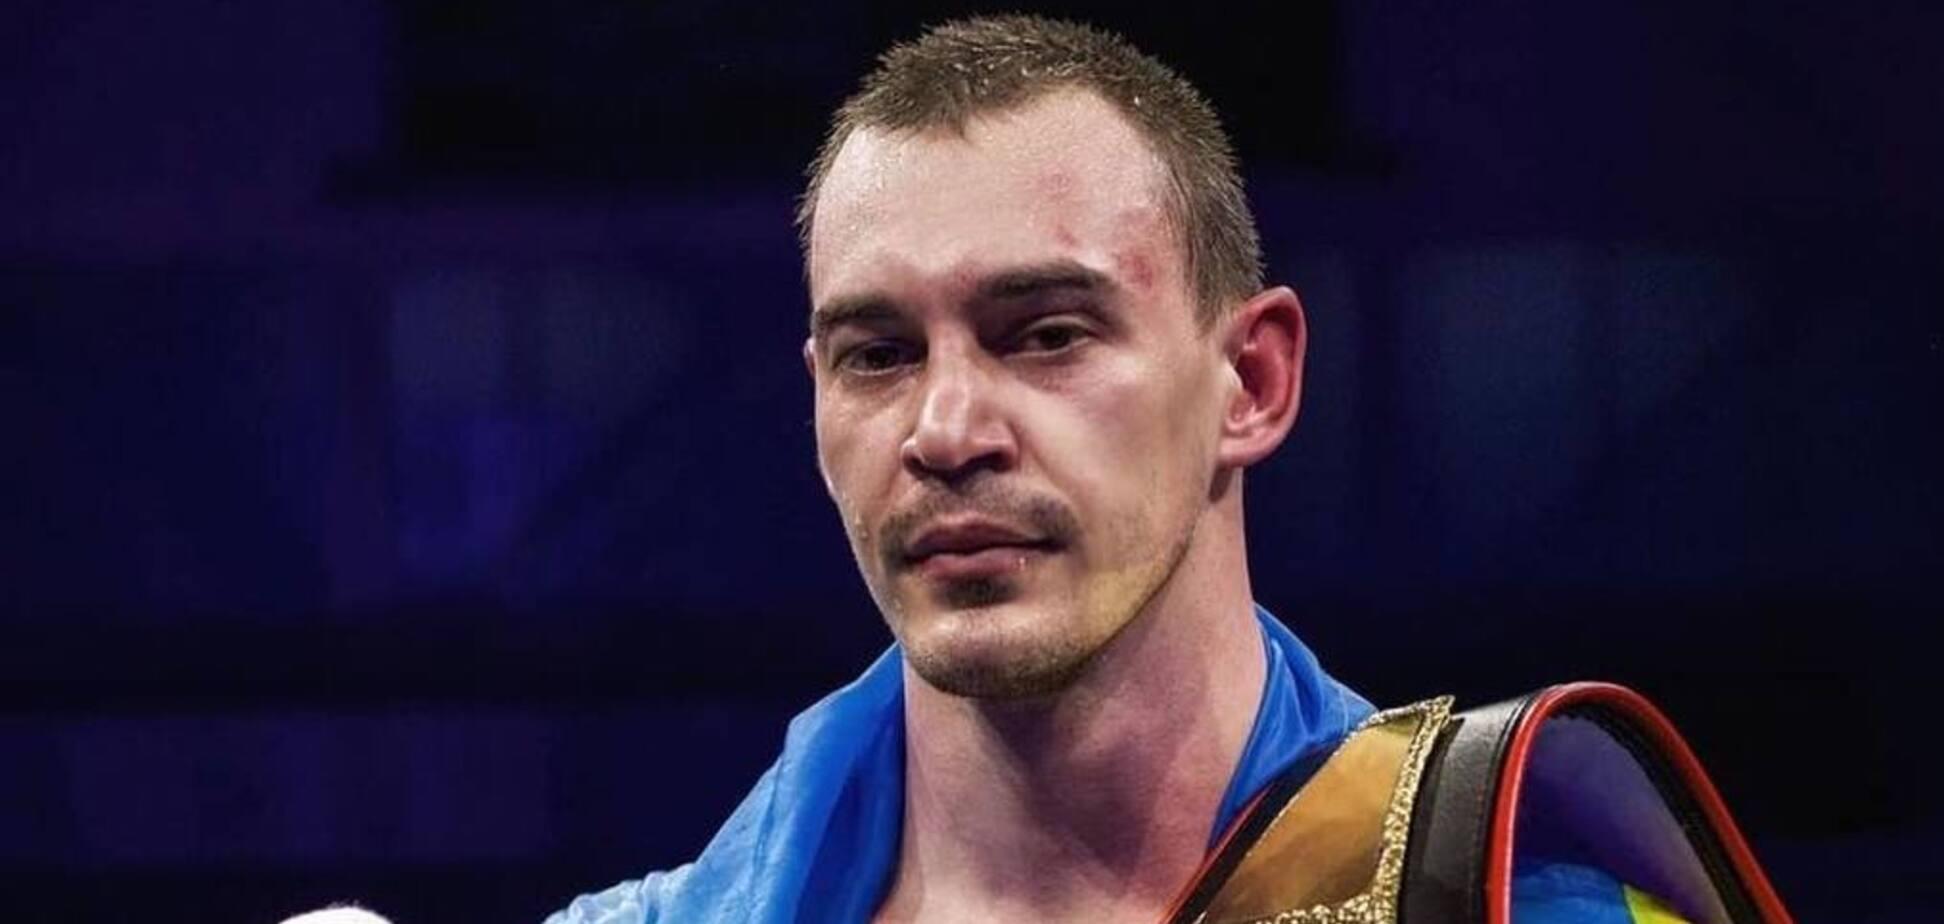 Непереможений український супертяж завоював чемпіонський пояс